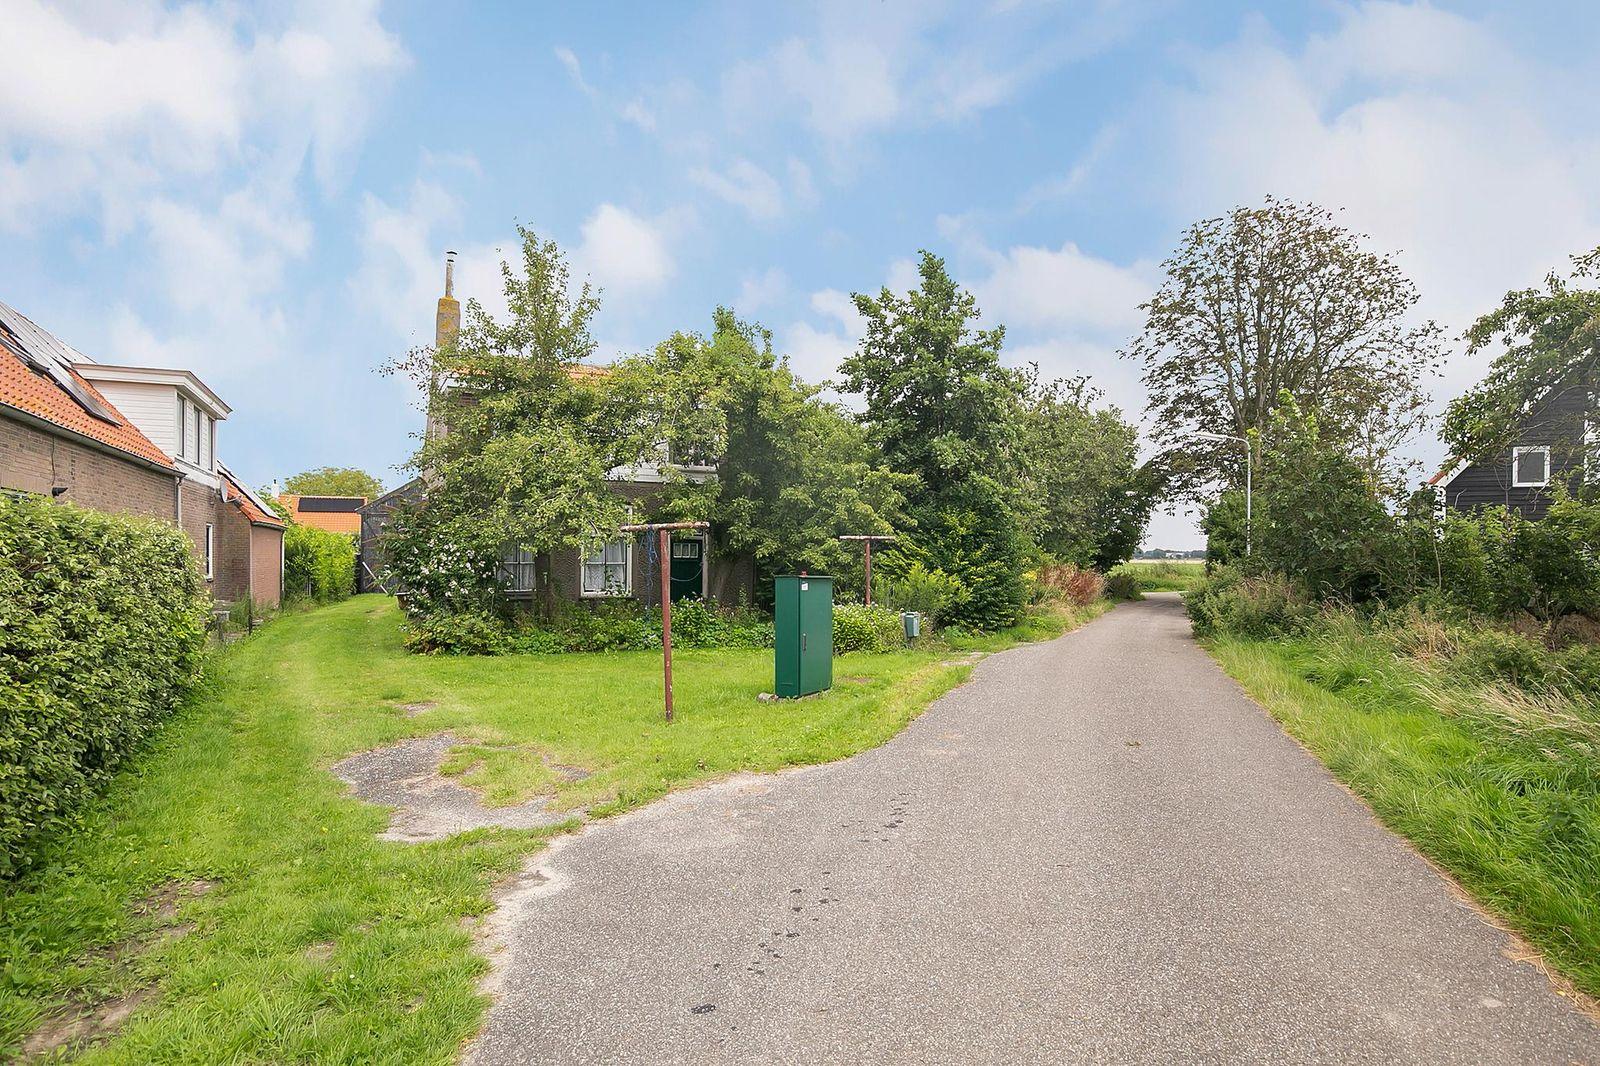 Koekoeksweg 6, Sint-maartensdijk